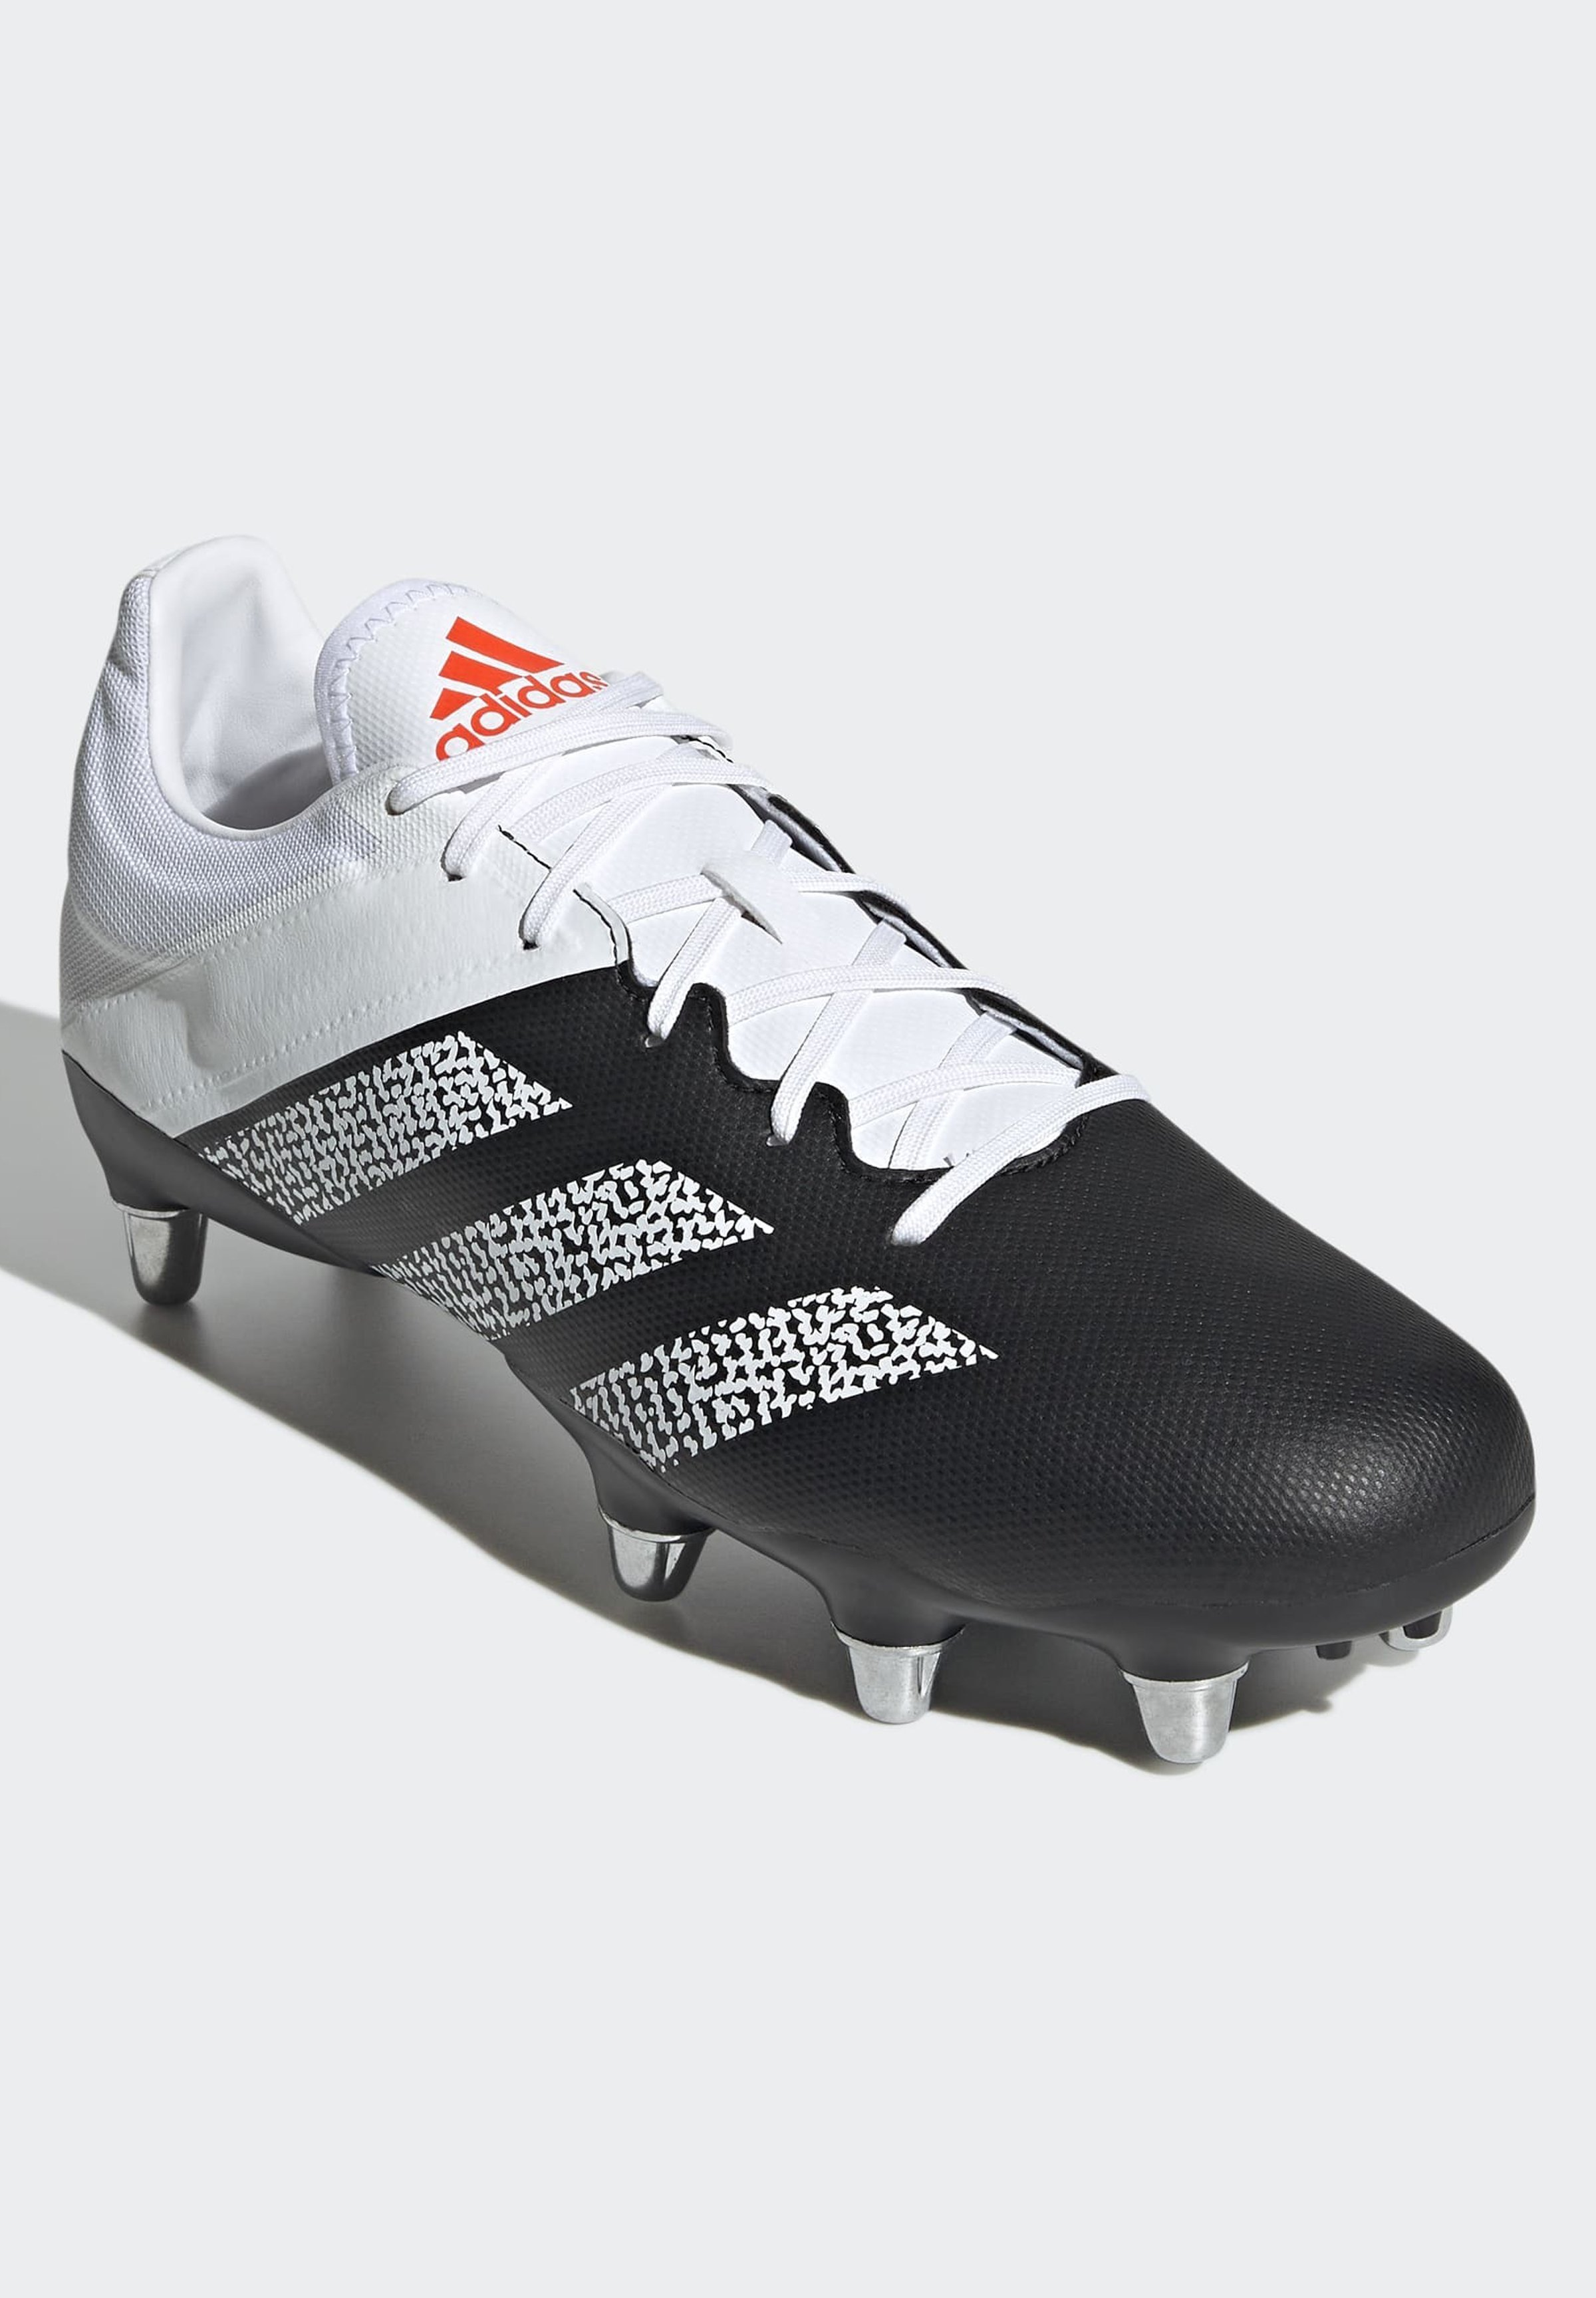 Herrer RUGBY BOOTS - Fodboldstøvler m/ faste knobber